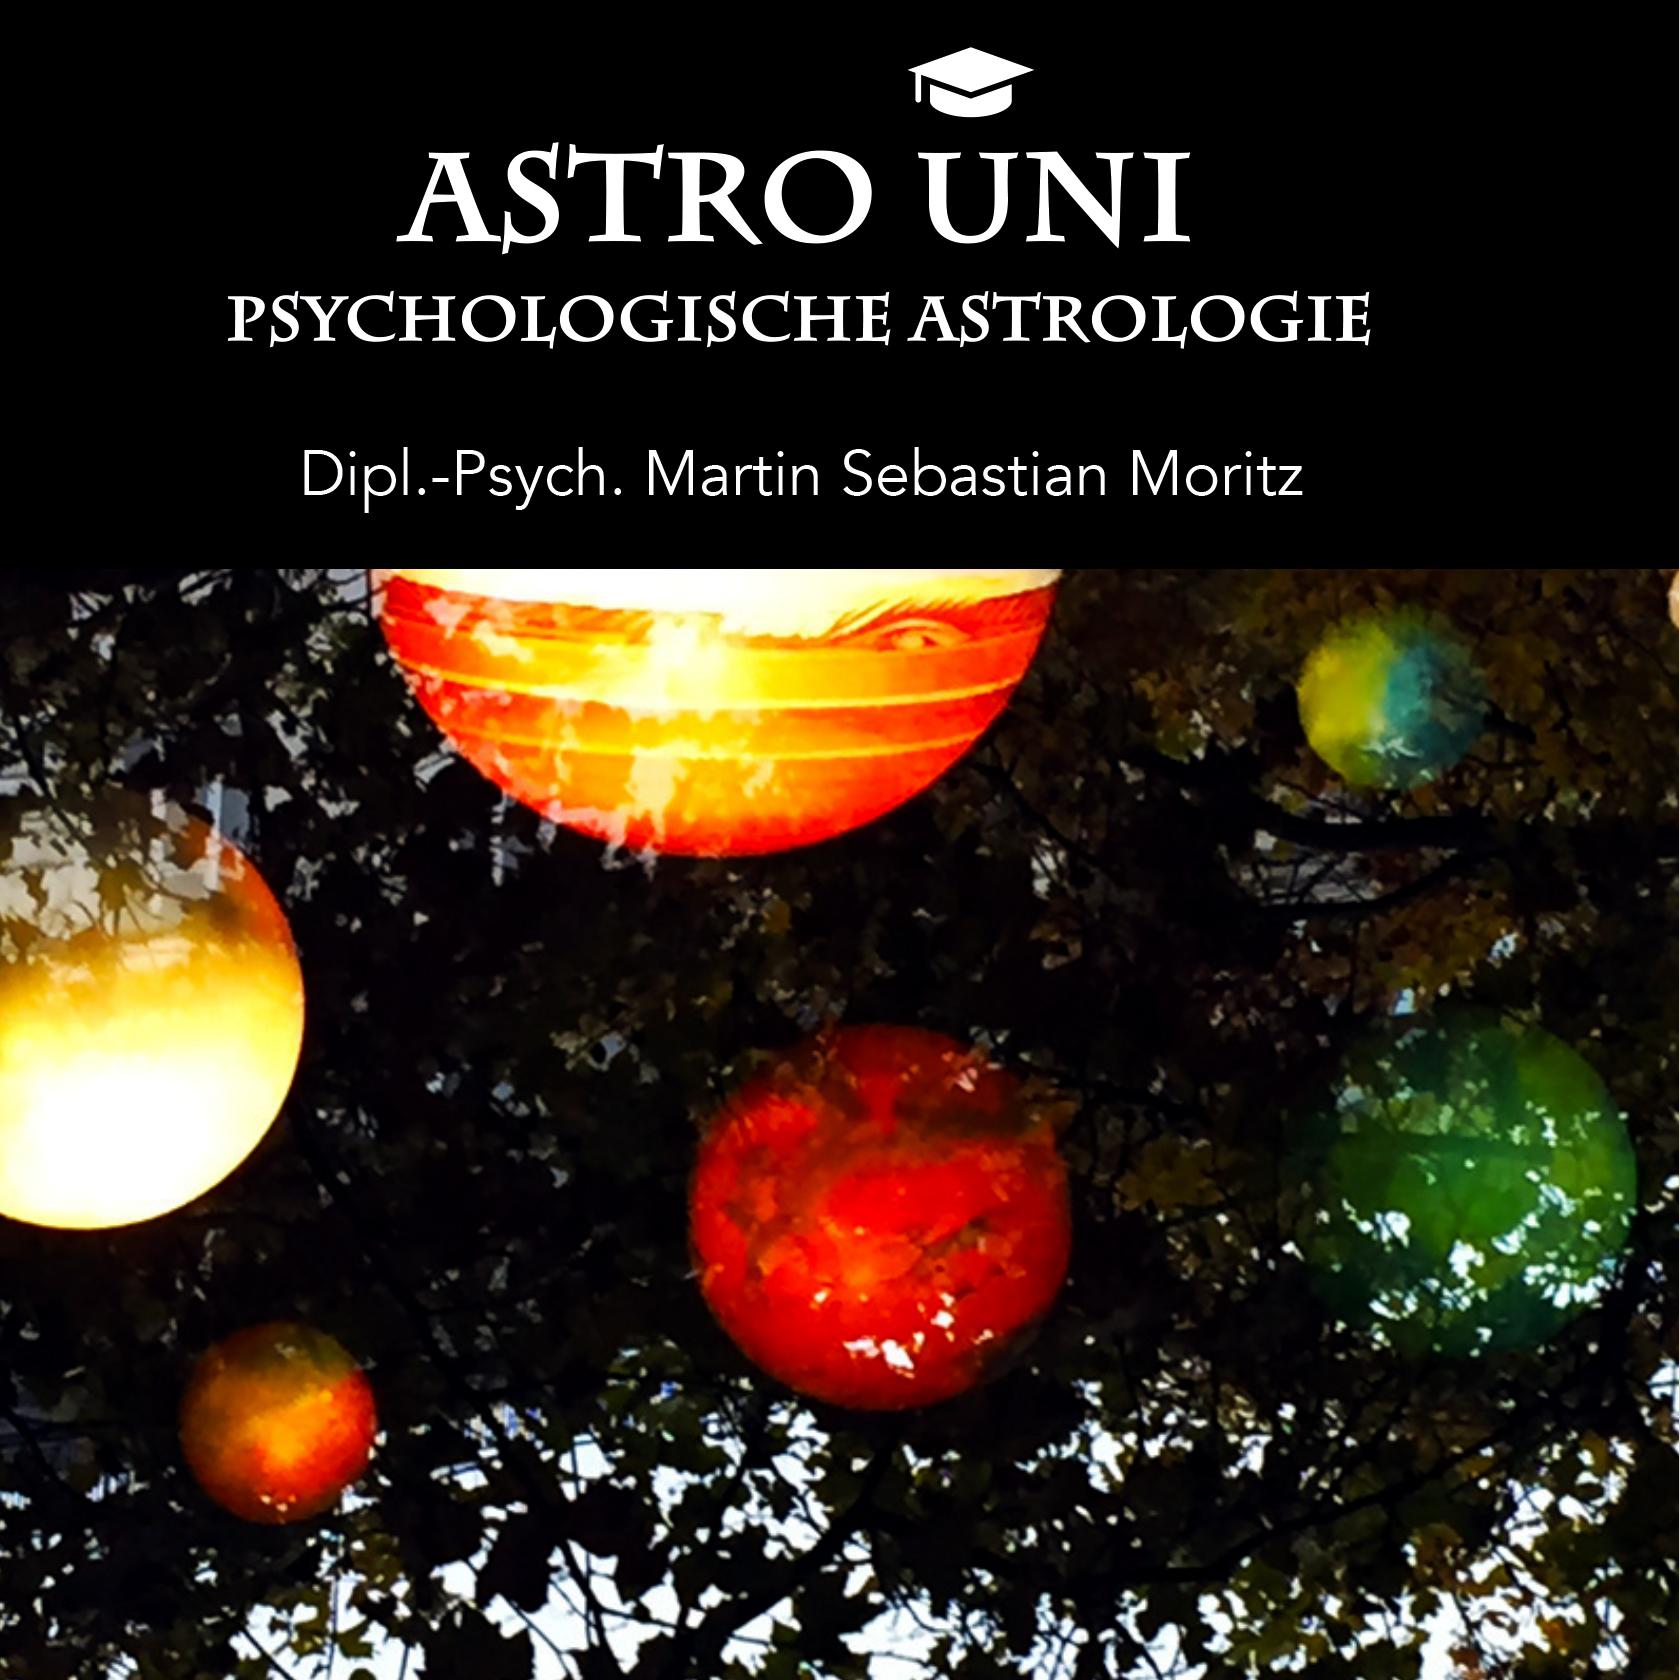 Astro Uni Ausbildung Psychologische Astrologie Martin Sebastian Moritz